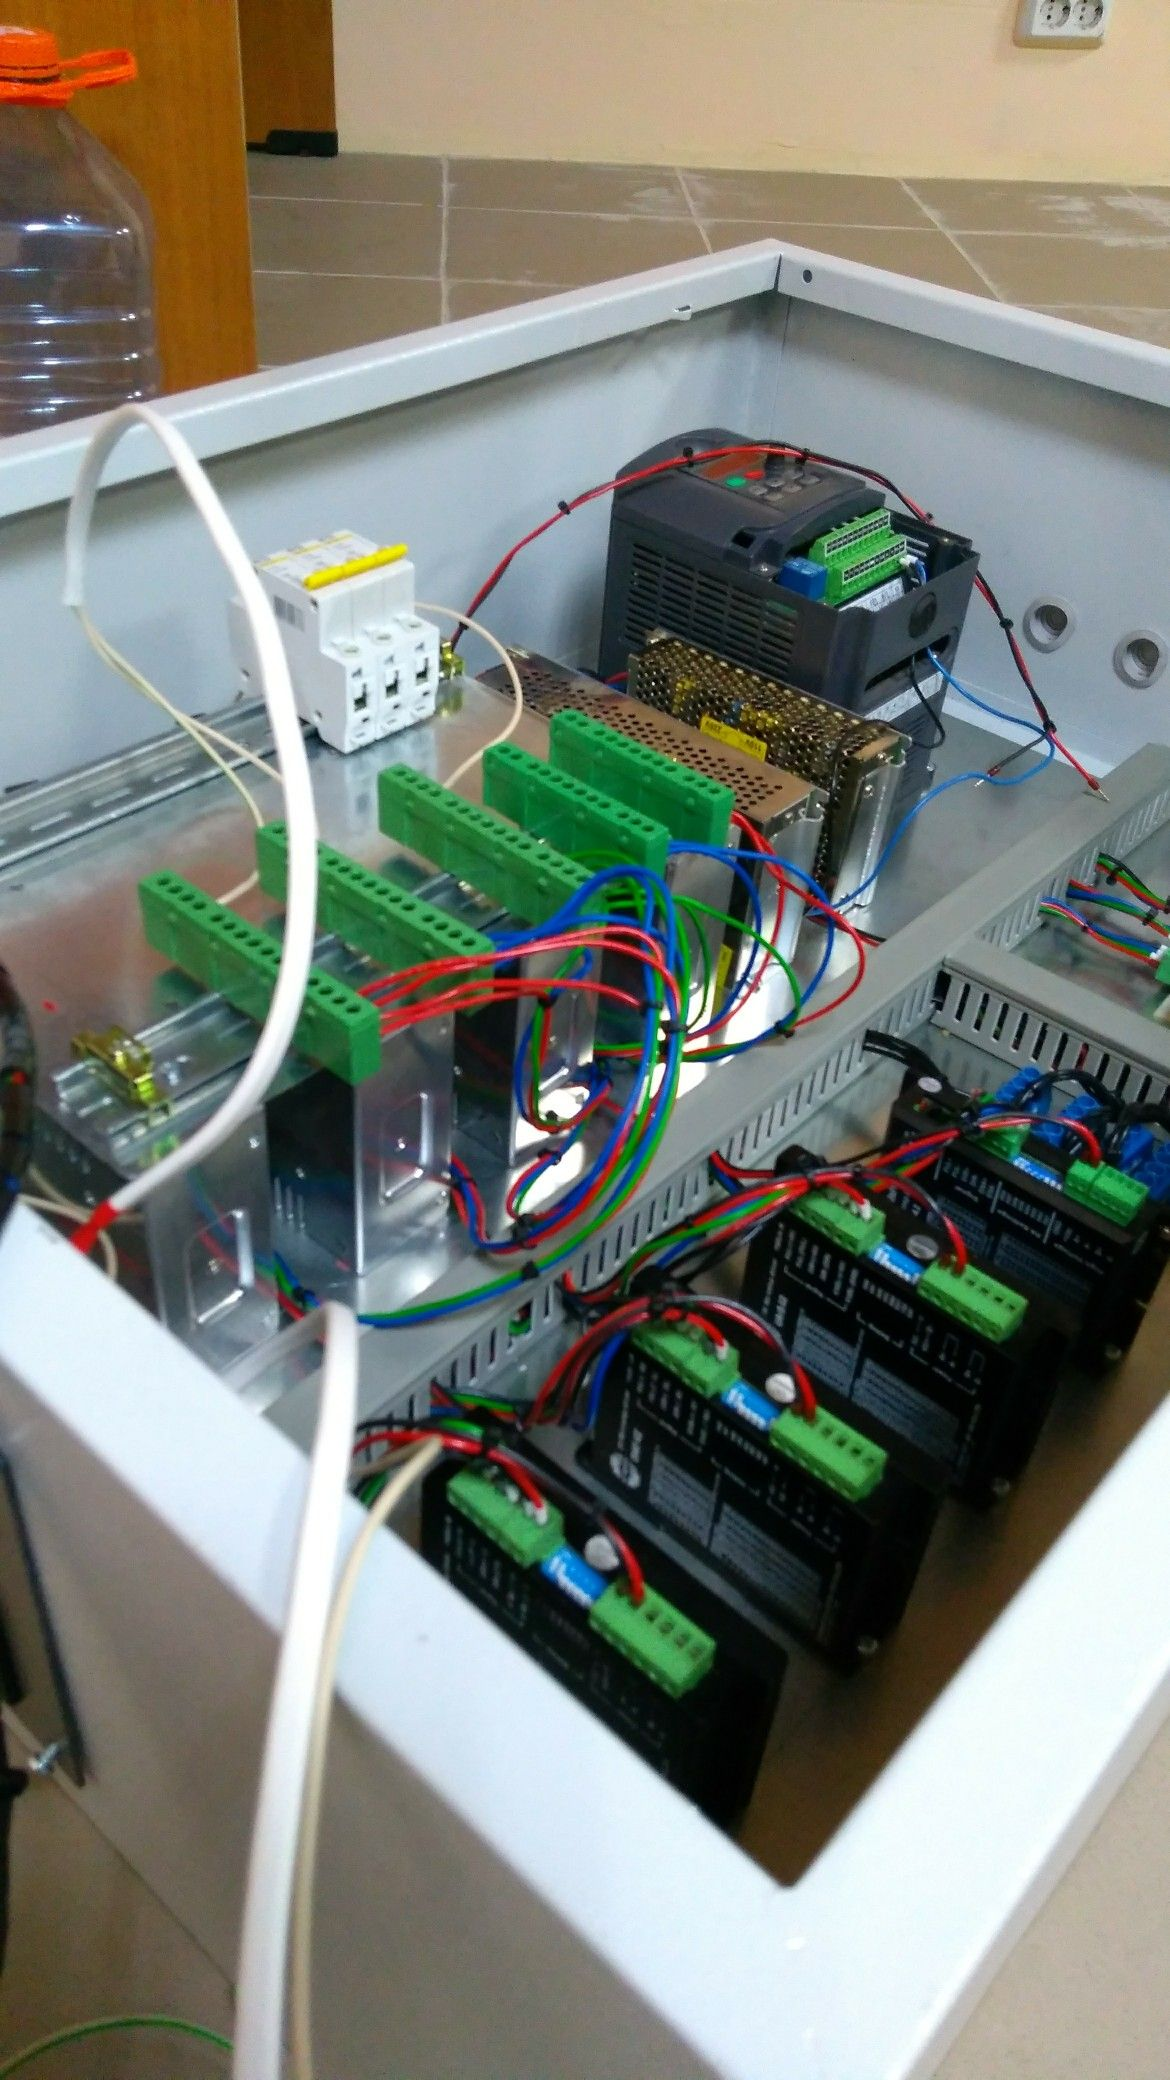 Pin De Mike Em Cnc Projetos Cnc Cnc Cnc Router